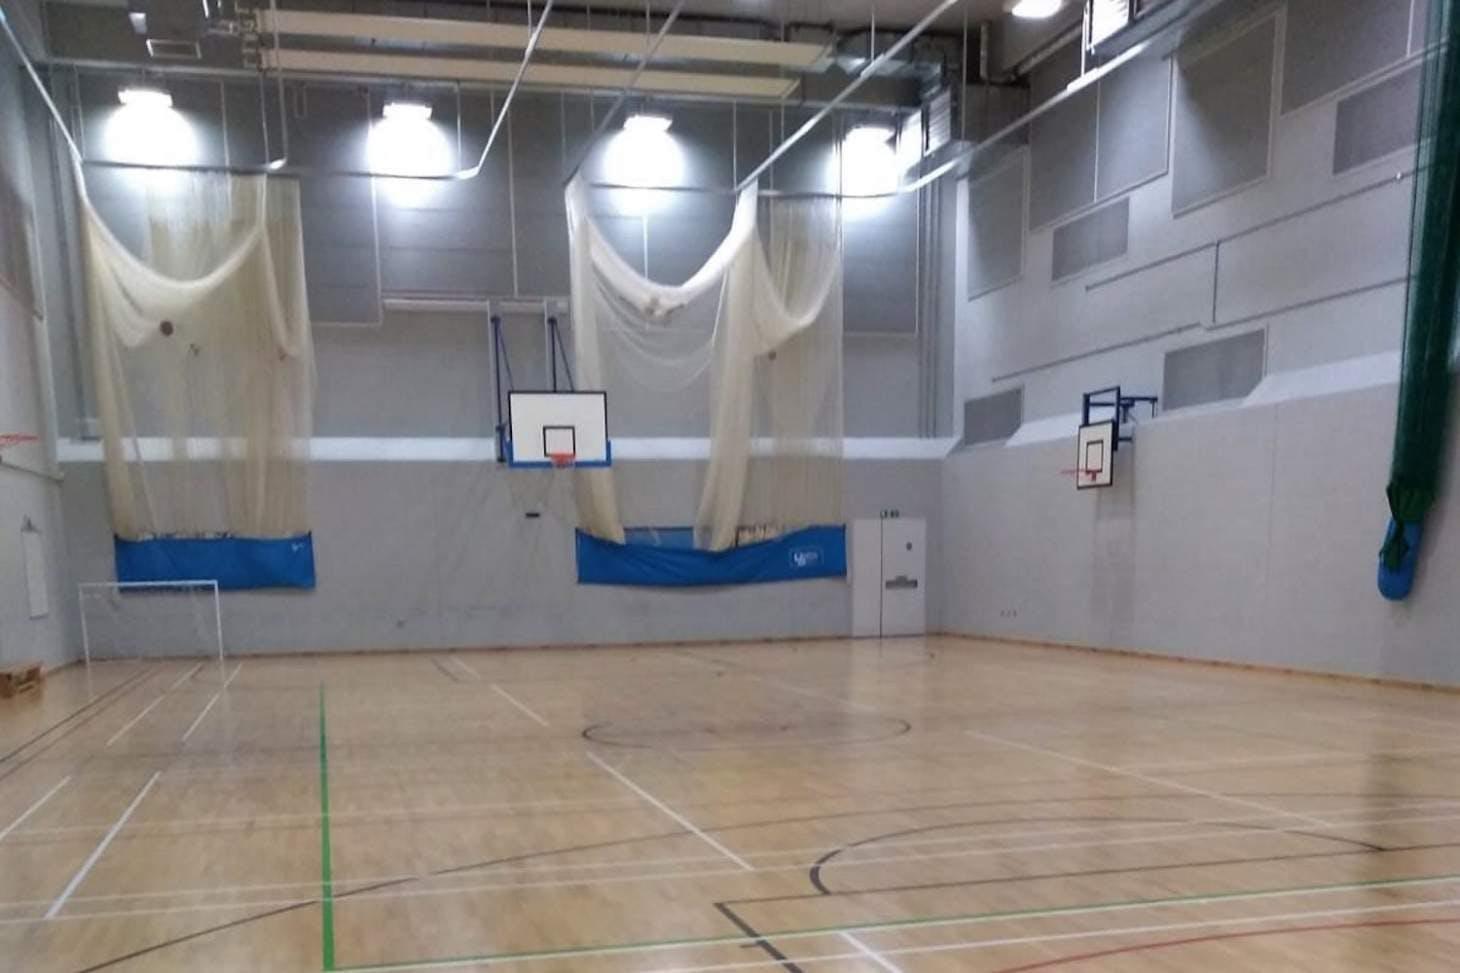 Kensington Aldridge Academy Indoor netball court